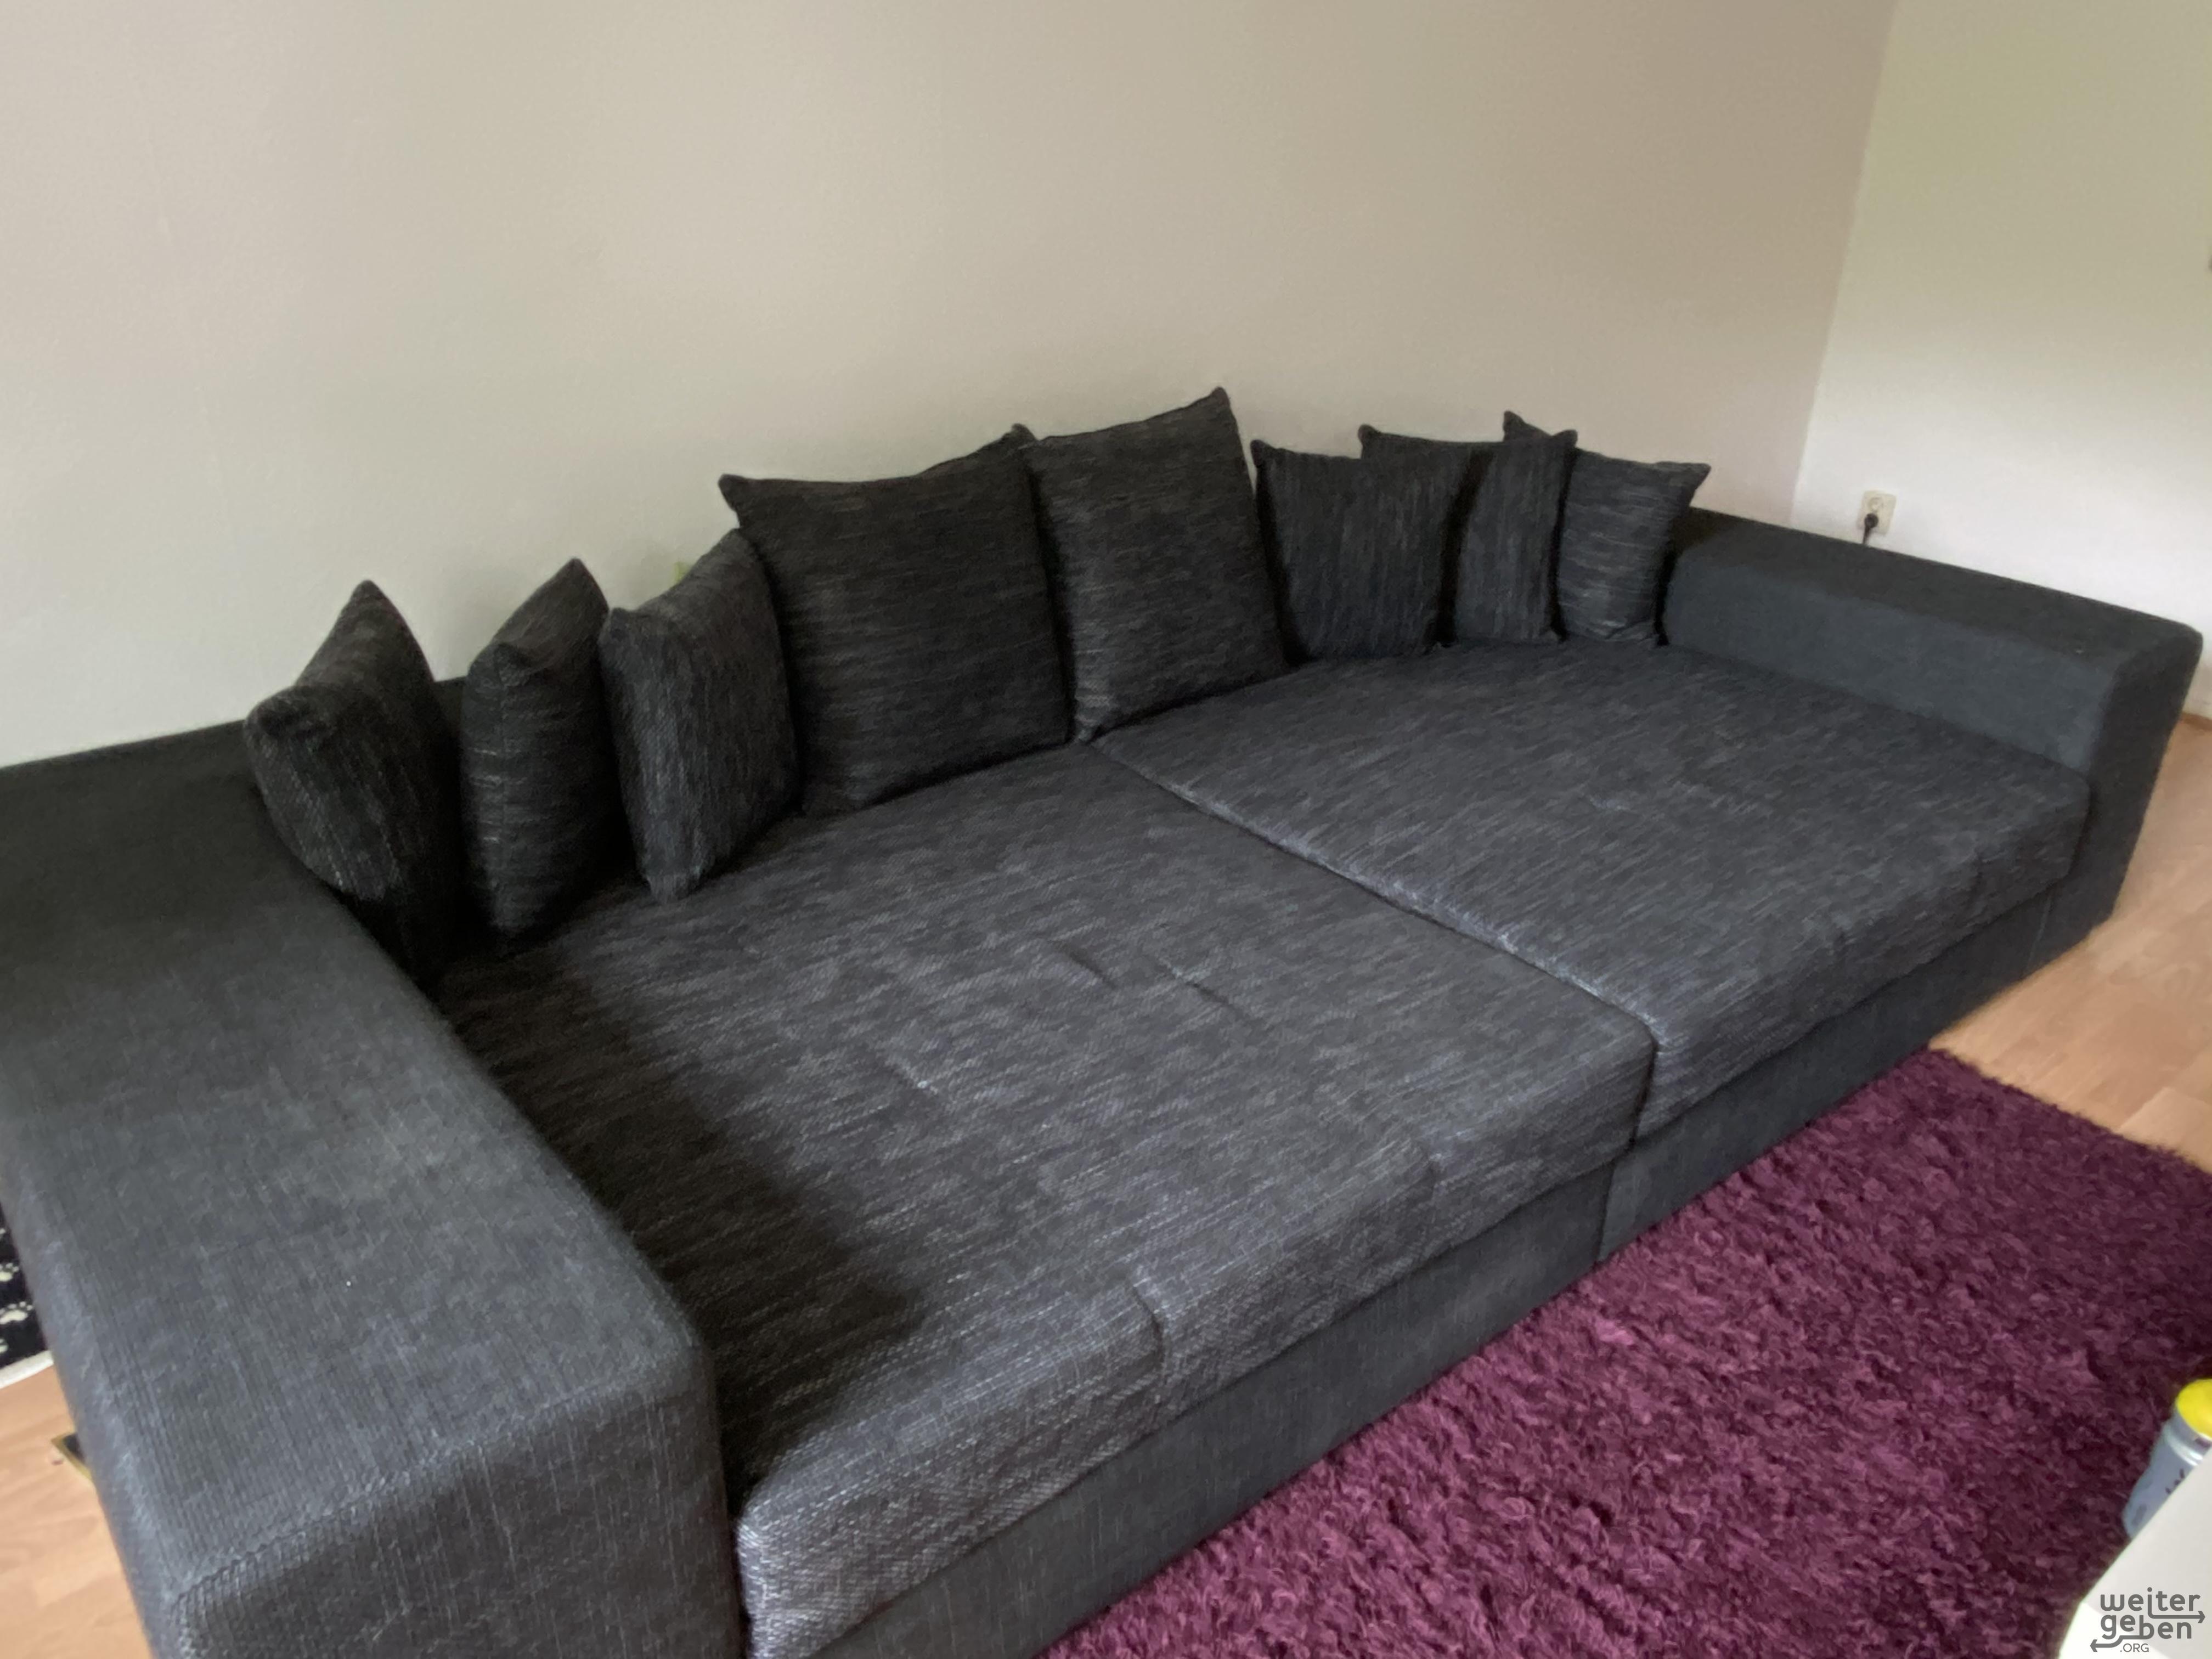 Big Sofa in Berlin